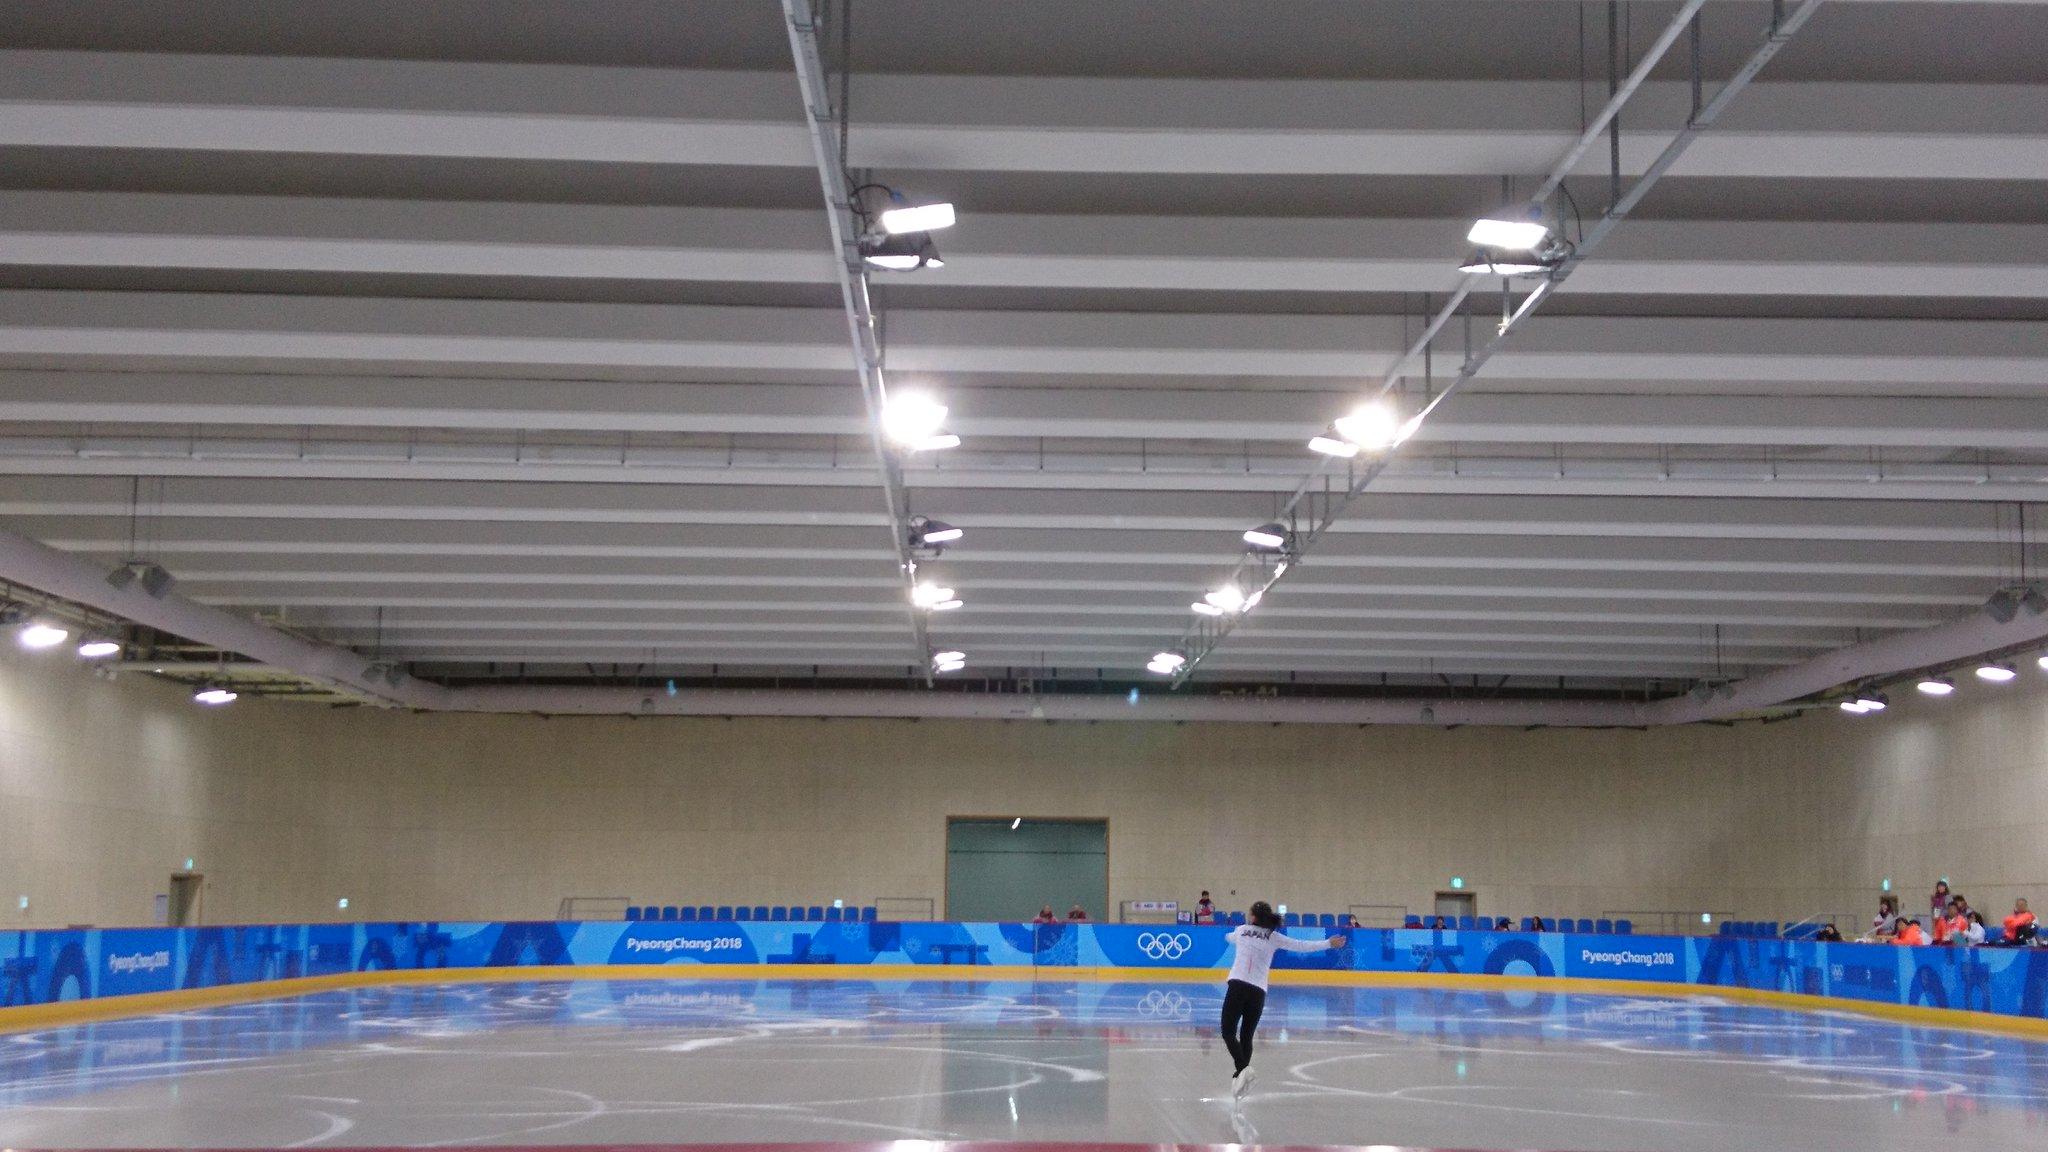 坂本花織 初練習で右腰付近を強打!それでも笑顔「脳みそが凍りそうです」